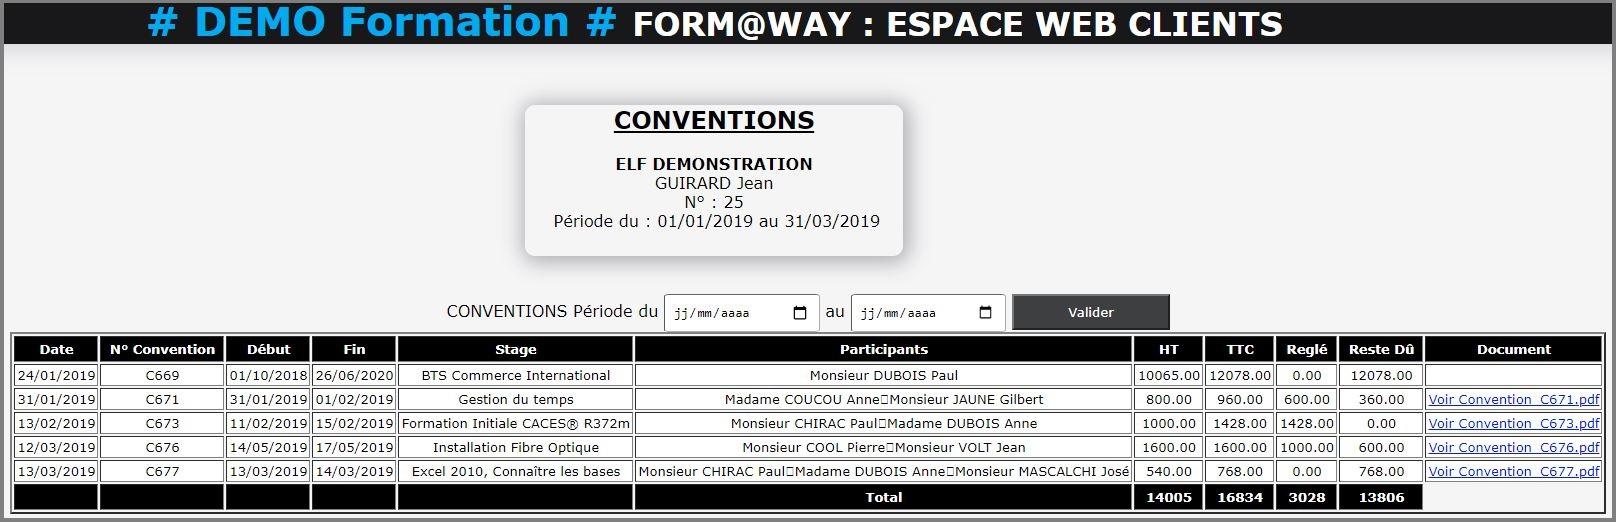 Portail Web Client - Convention